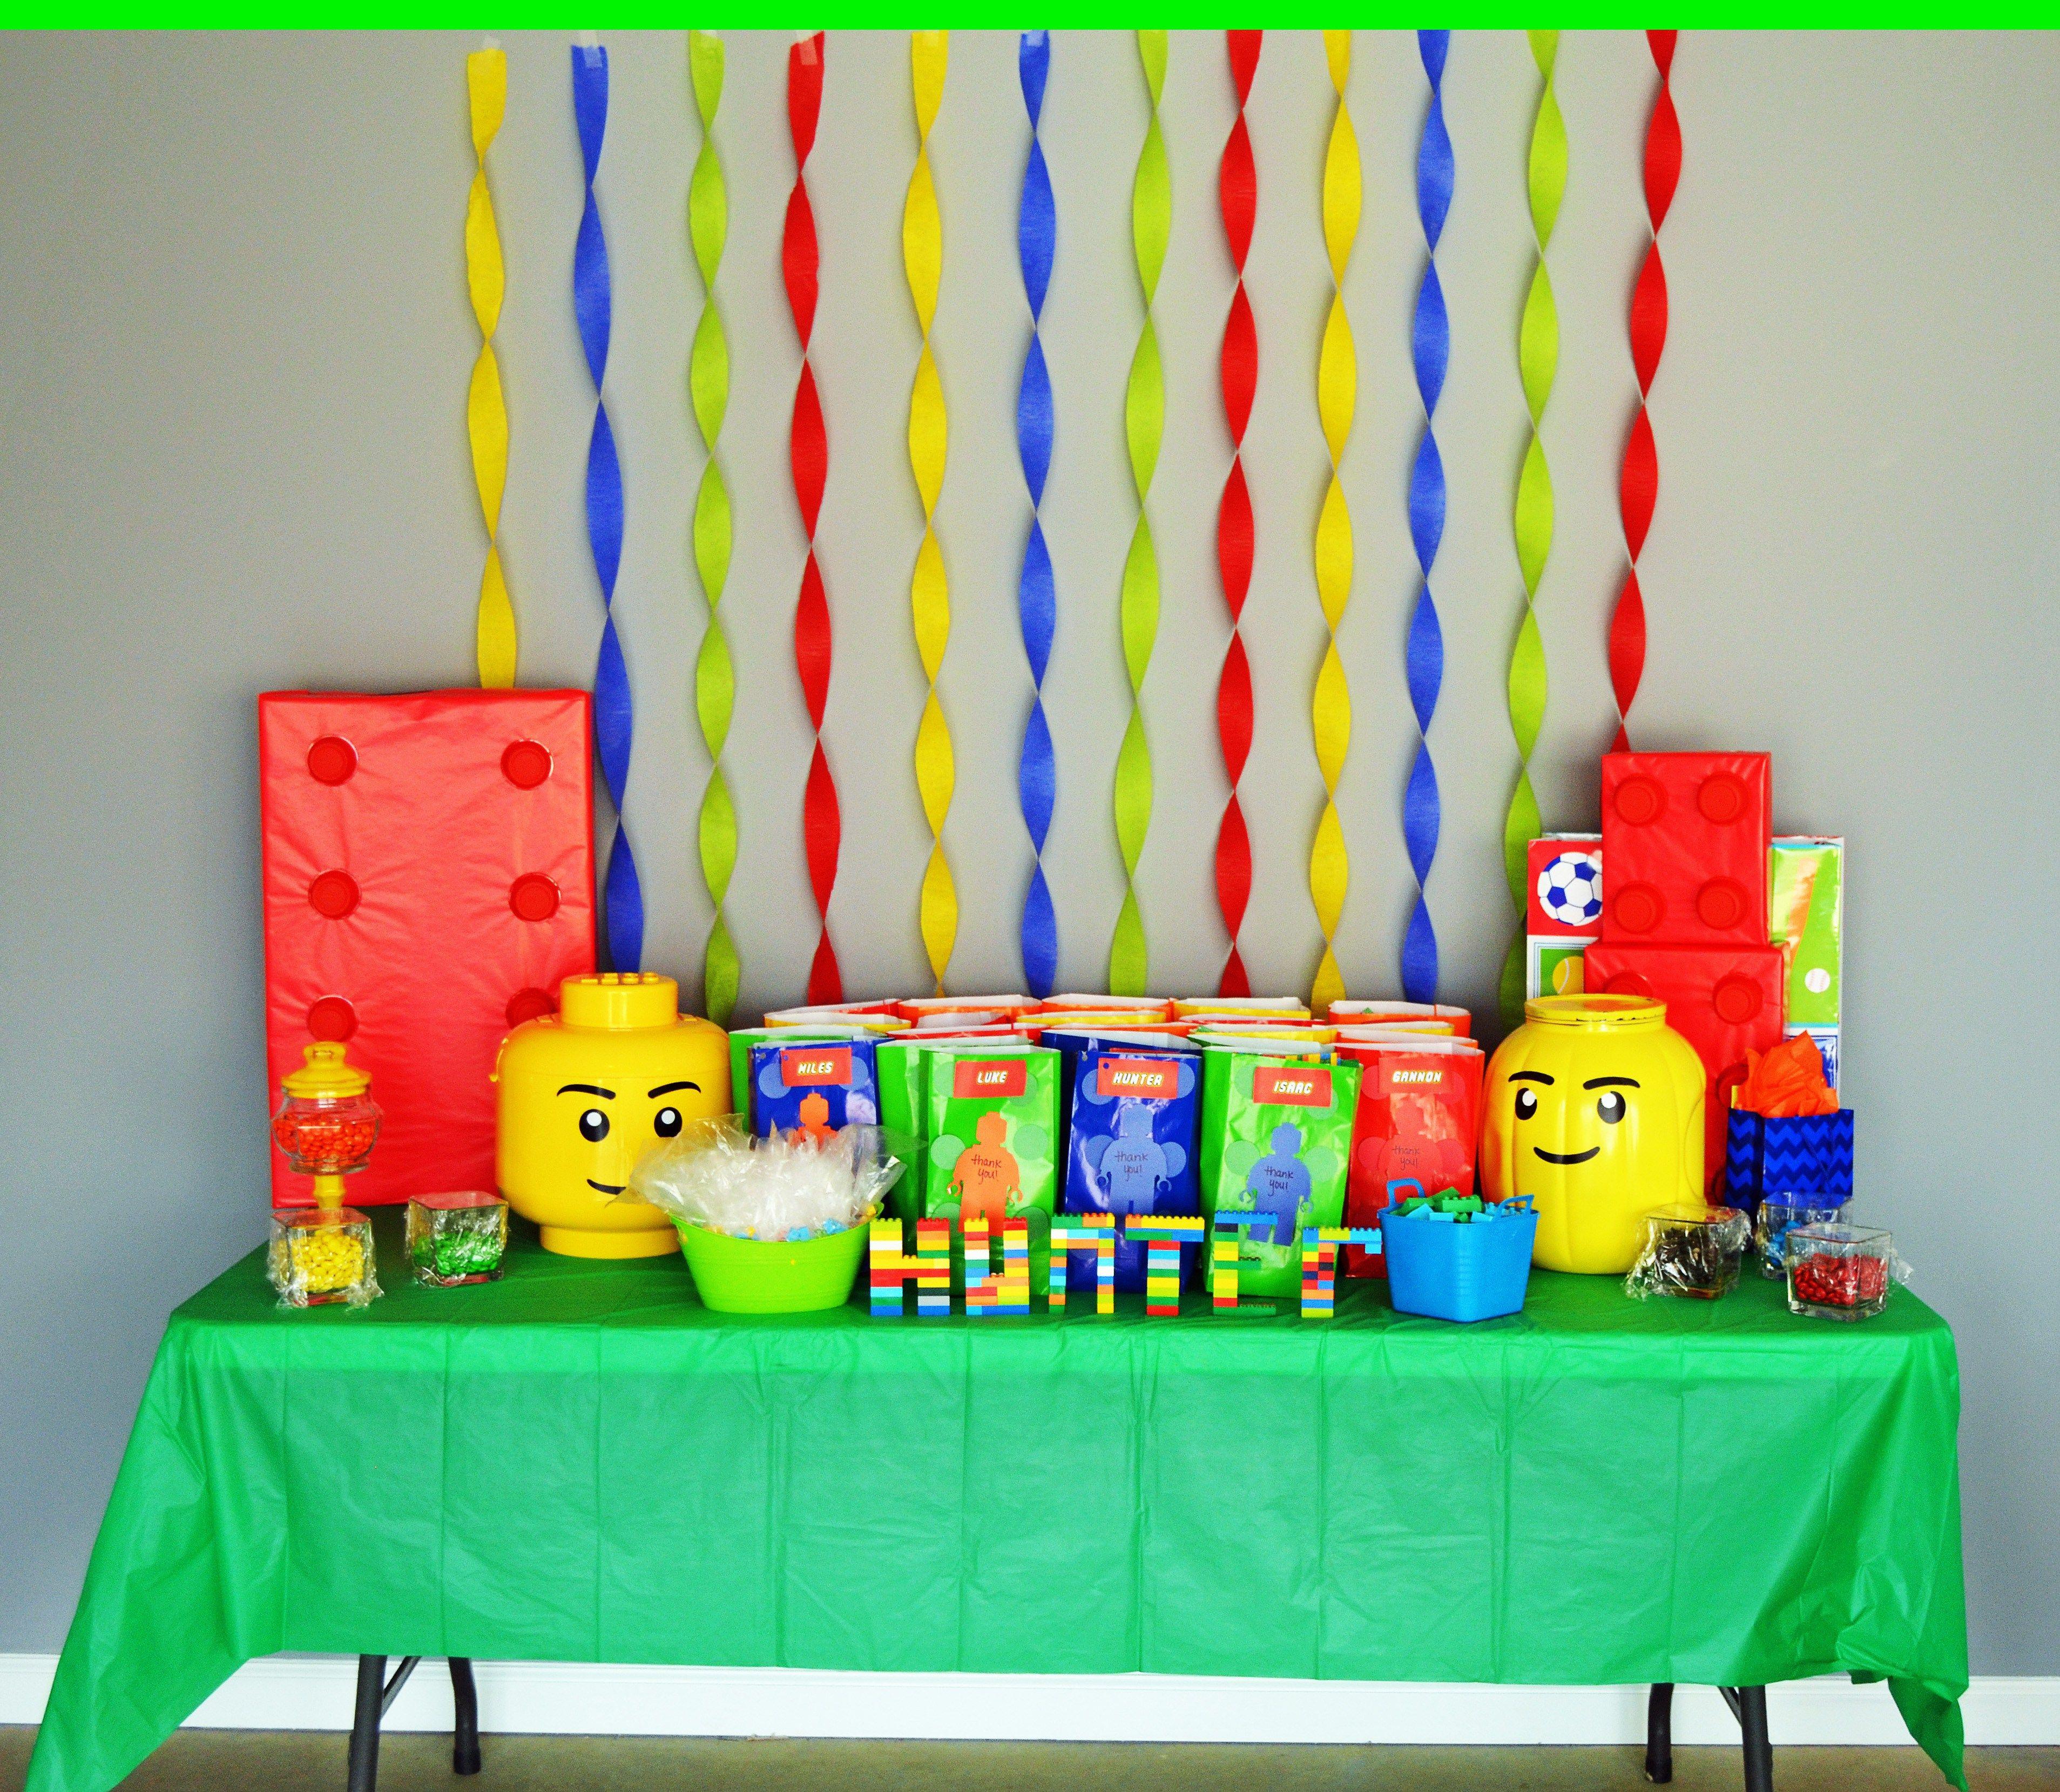 Lego Bricks Birthday Party Fiesta De Cumpleanos Infantil Fiesta De Cumpleanos Lego Decoracion Fiesta De Nina